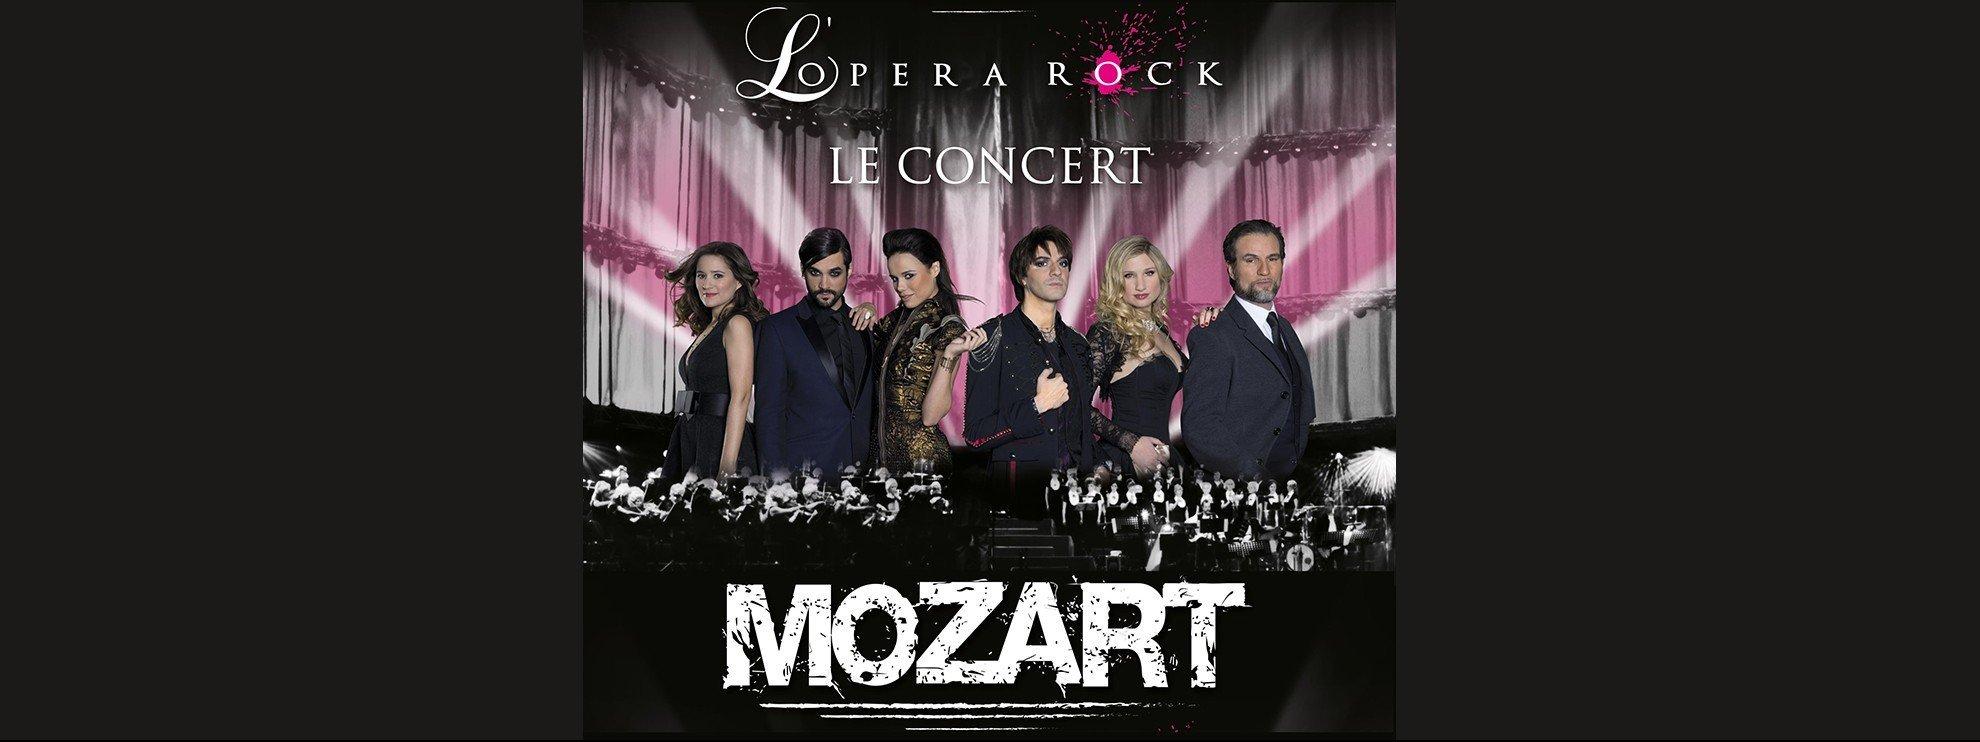 исполнитель Рок-опера Моцарт